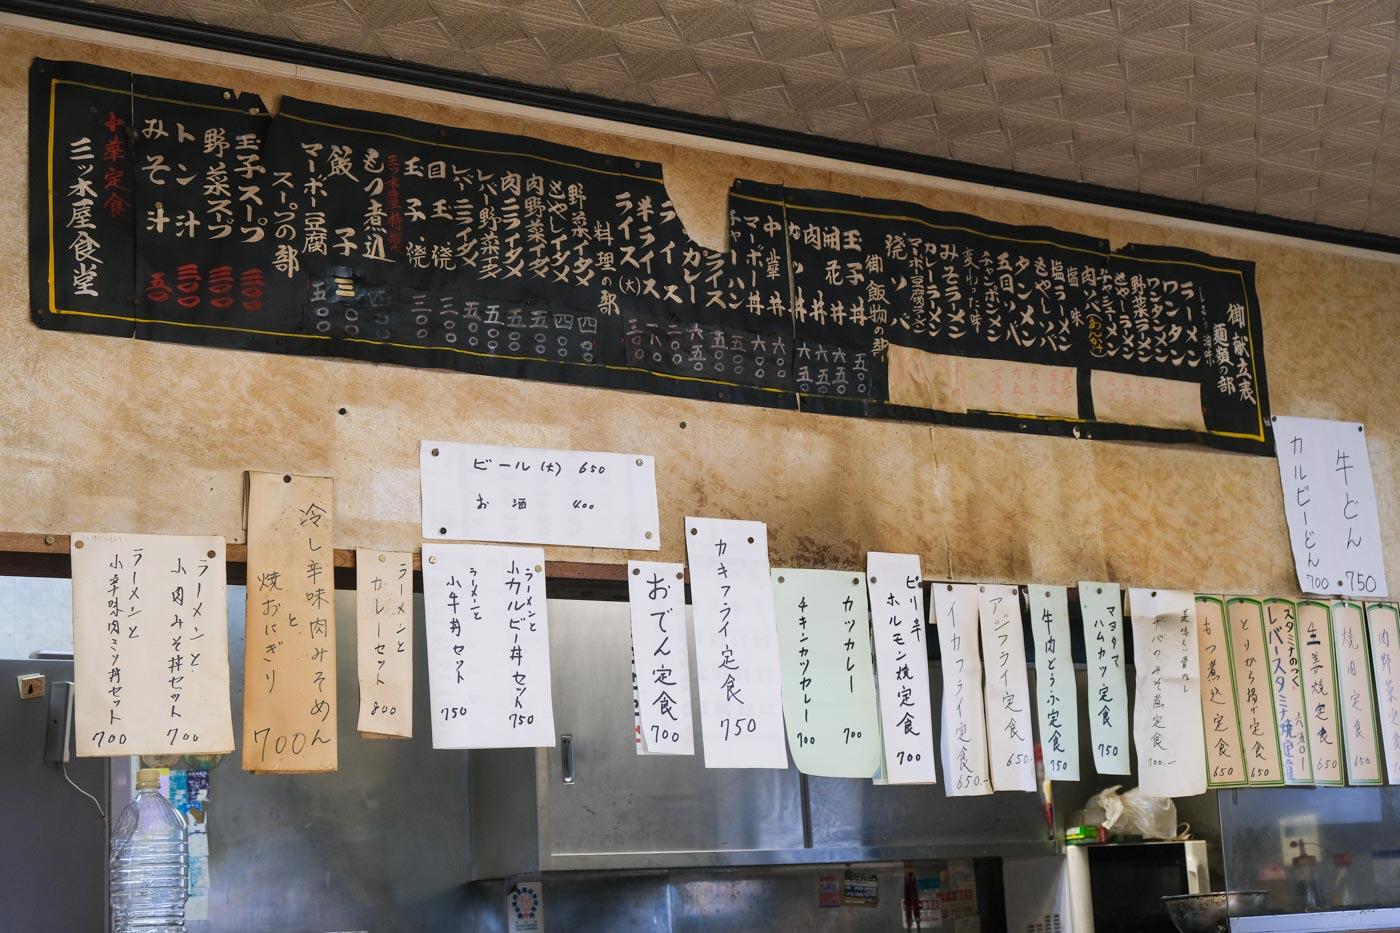 三ツ木屋食堂(与野駅)のメニュー